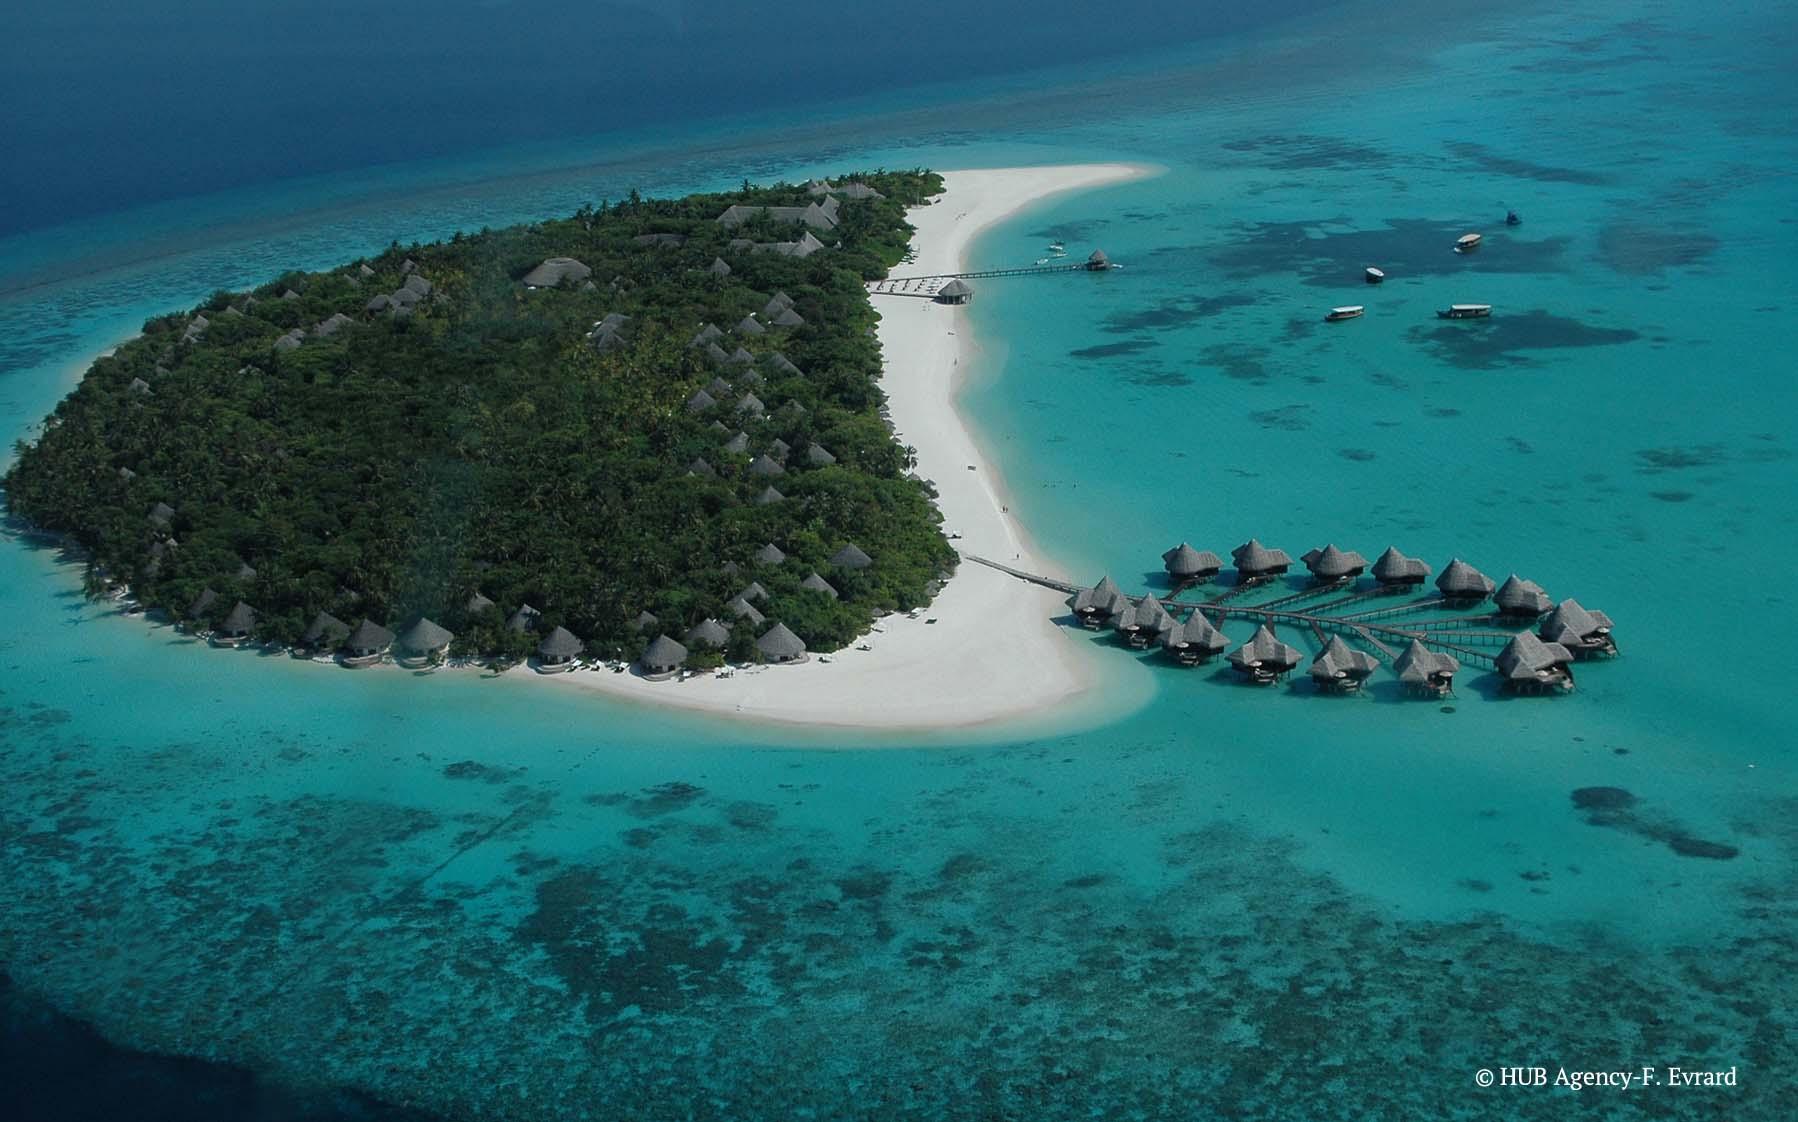 Lune de miel voyage de noce Iles Maldives plage spécial couple intimité